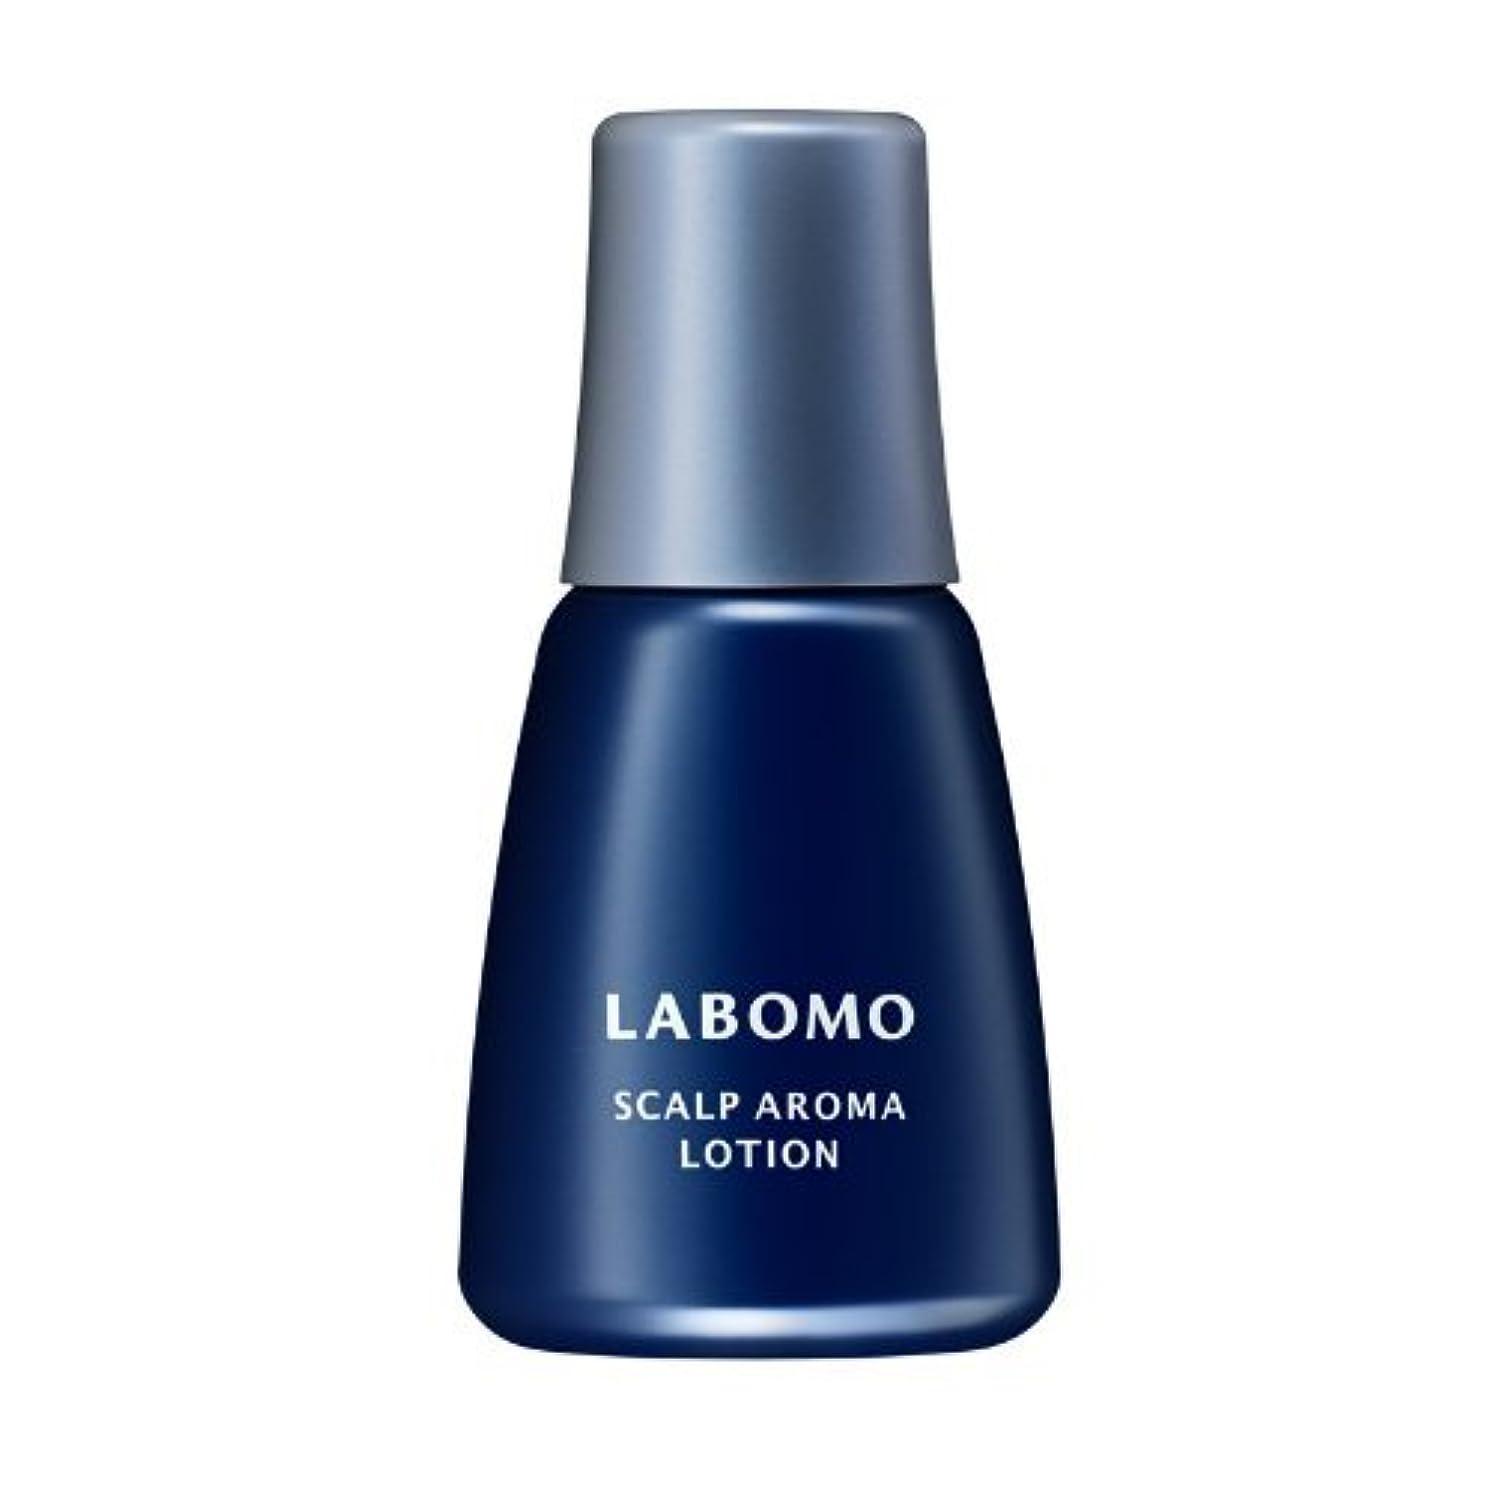 密接に尽きるかび臭い【お得用2本セット】LABOMO(ラボモ) スカルプアロマローション BLUE 100ml